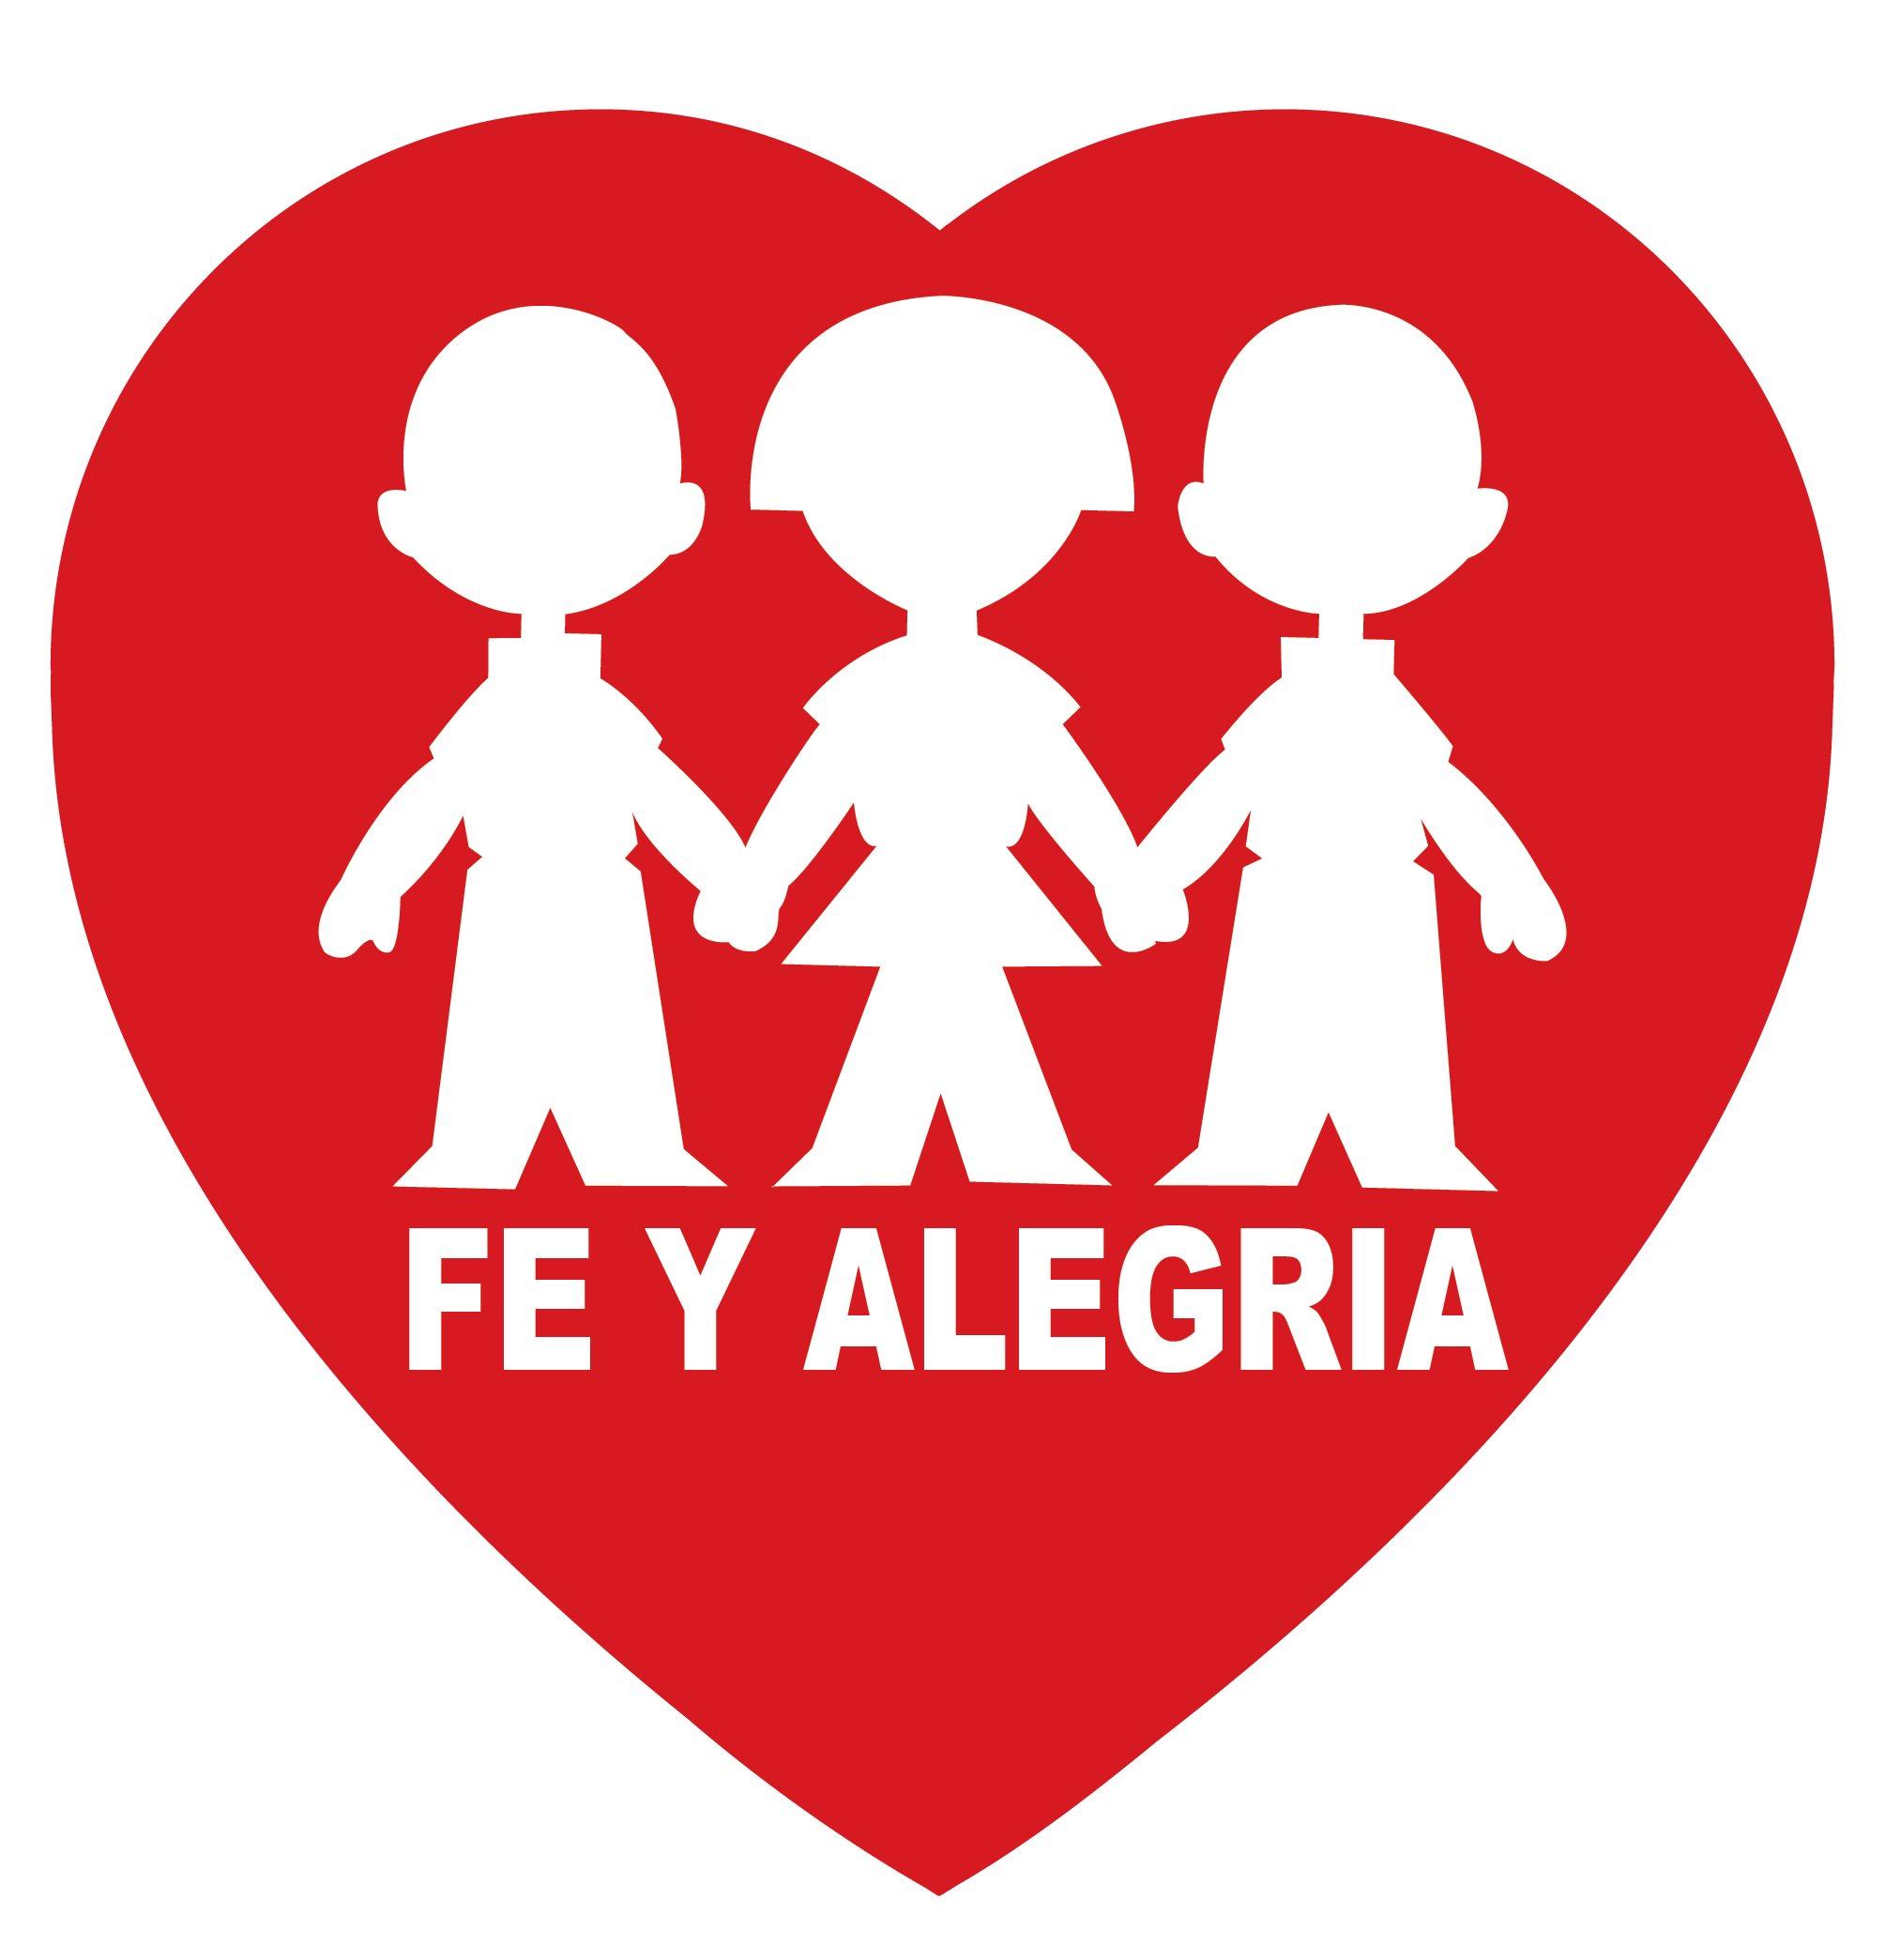 Fe y Alegria de Colombia D.Nacional